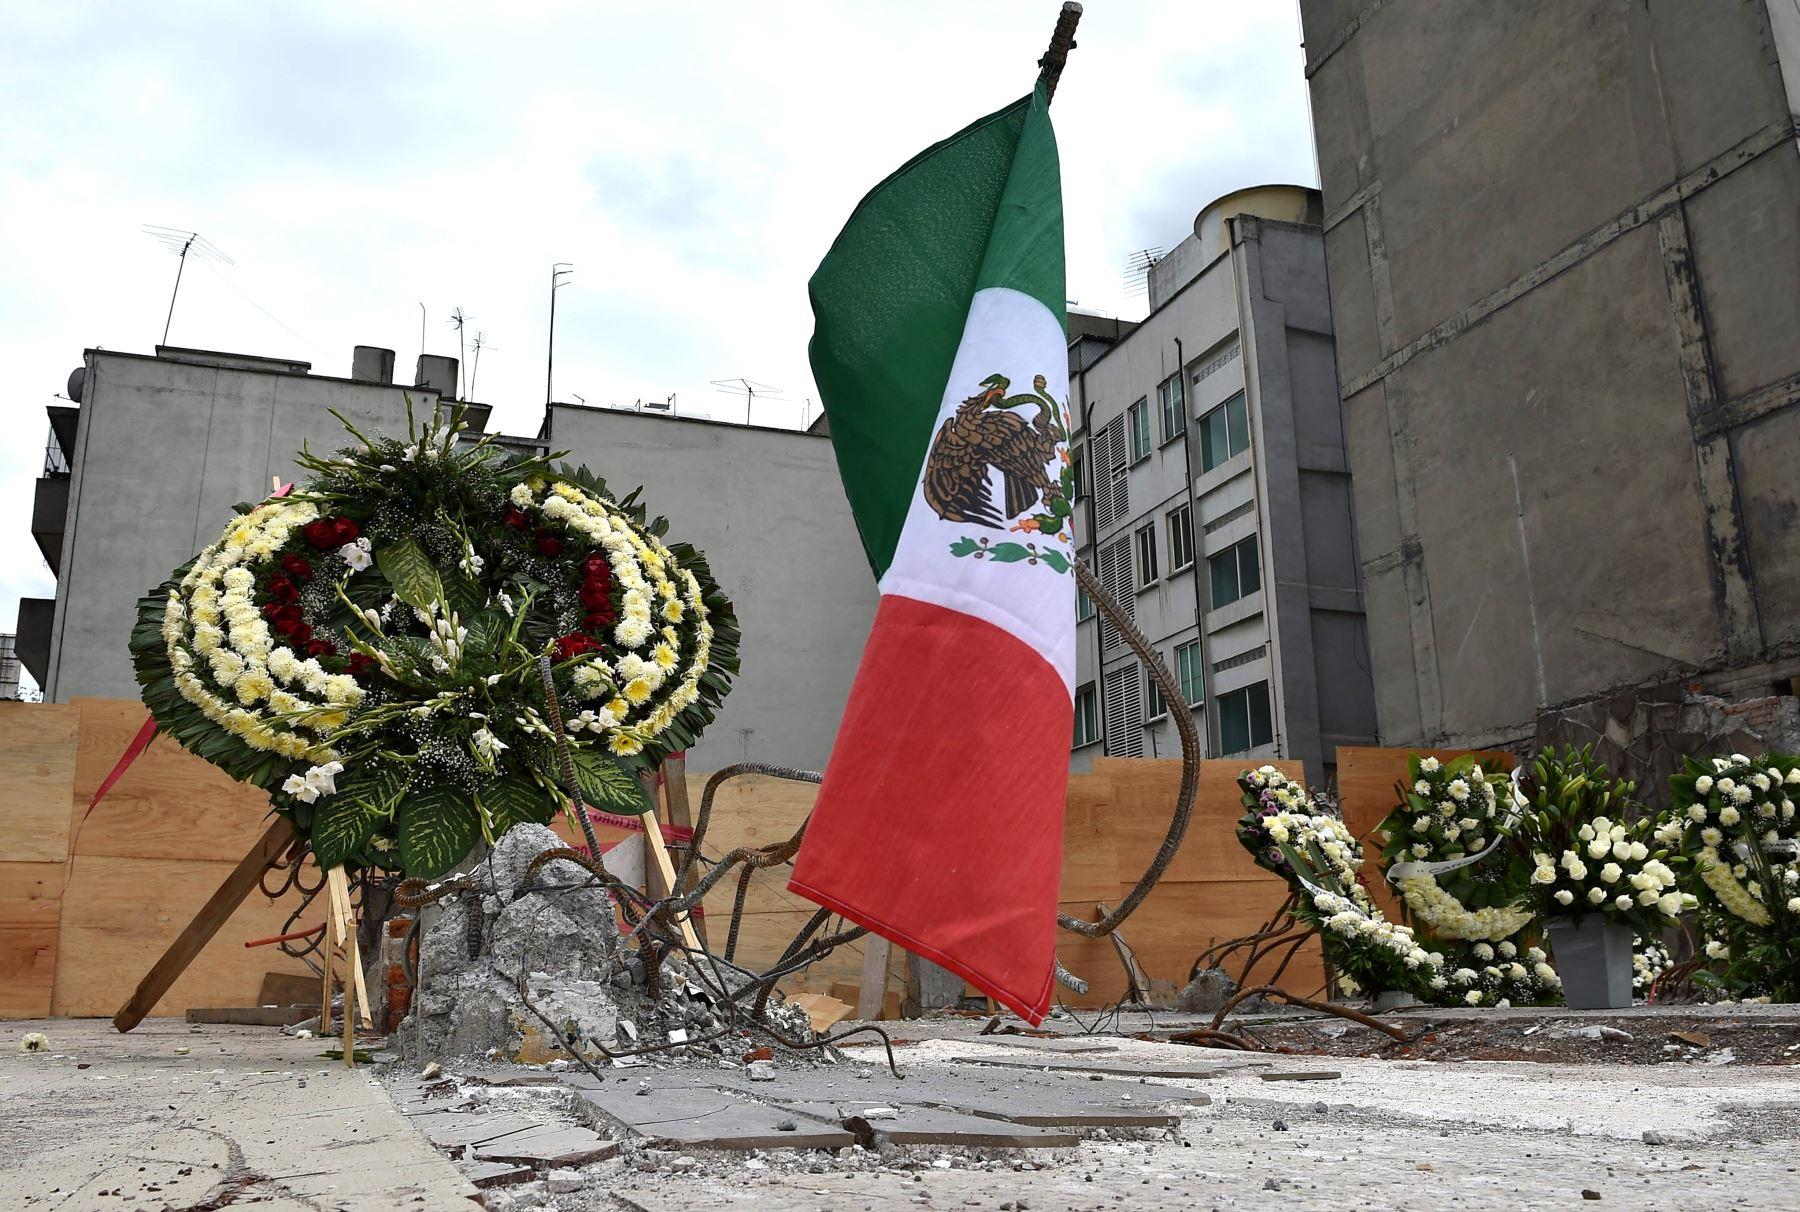 Coronas y BANDERA AMEXICANA fueron colocados para honrar a los muertos en el sitio donde un edificio fue aplastado por un fuerte terremoto en México. Foto:AFP